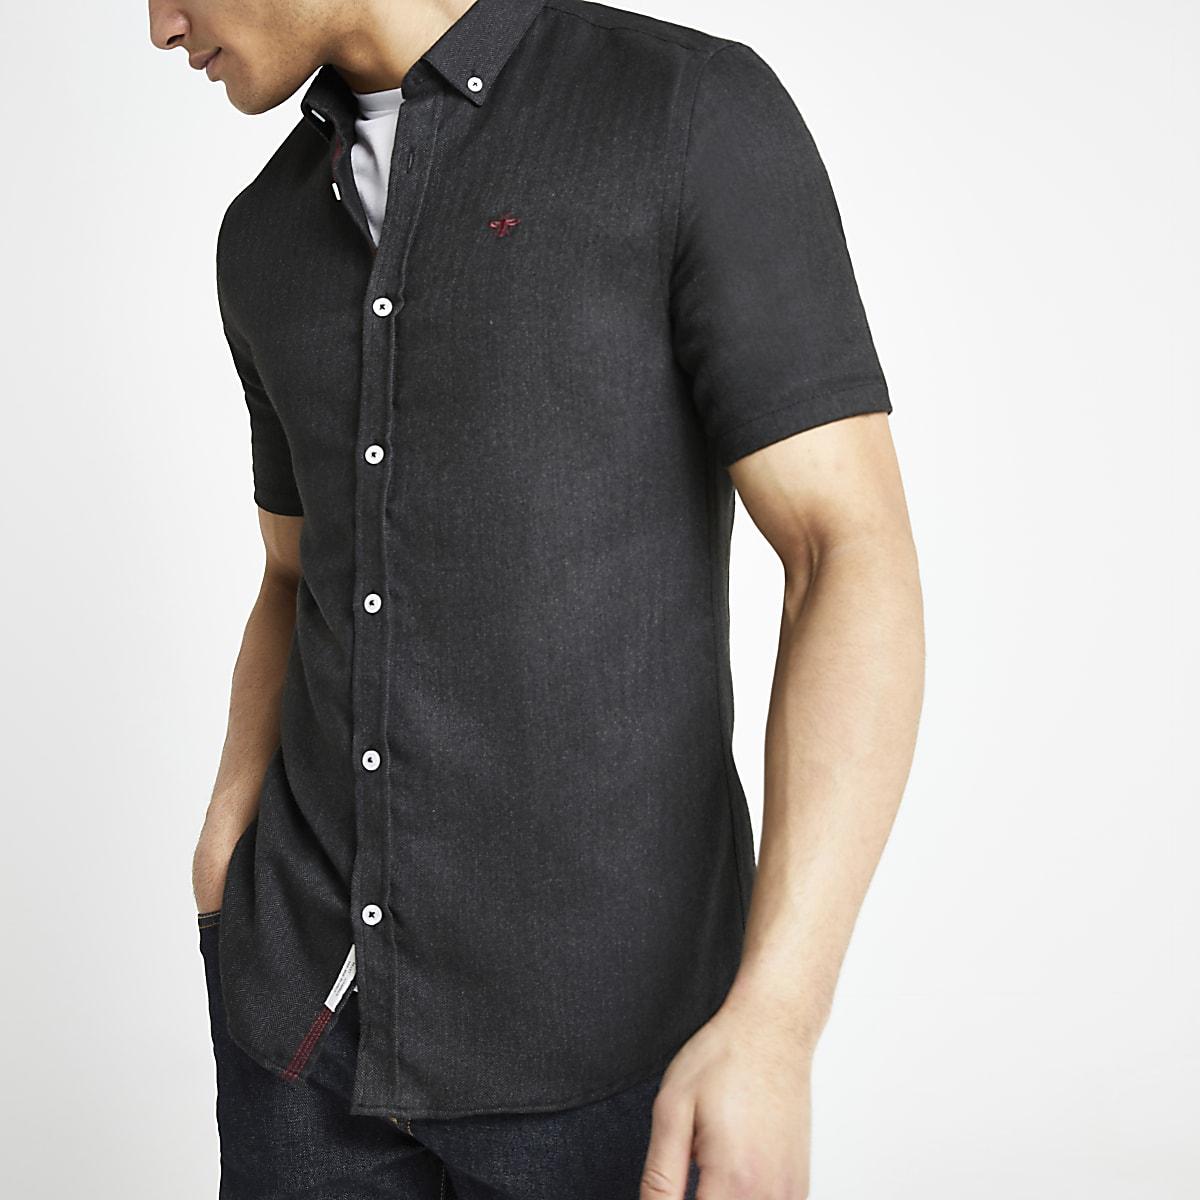 Donkergrijs Overhemd.Donkergrijs Slim Fit Overhemd Met Korte Mouwen Overhemden Met